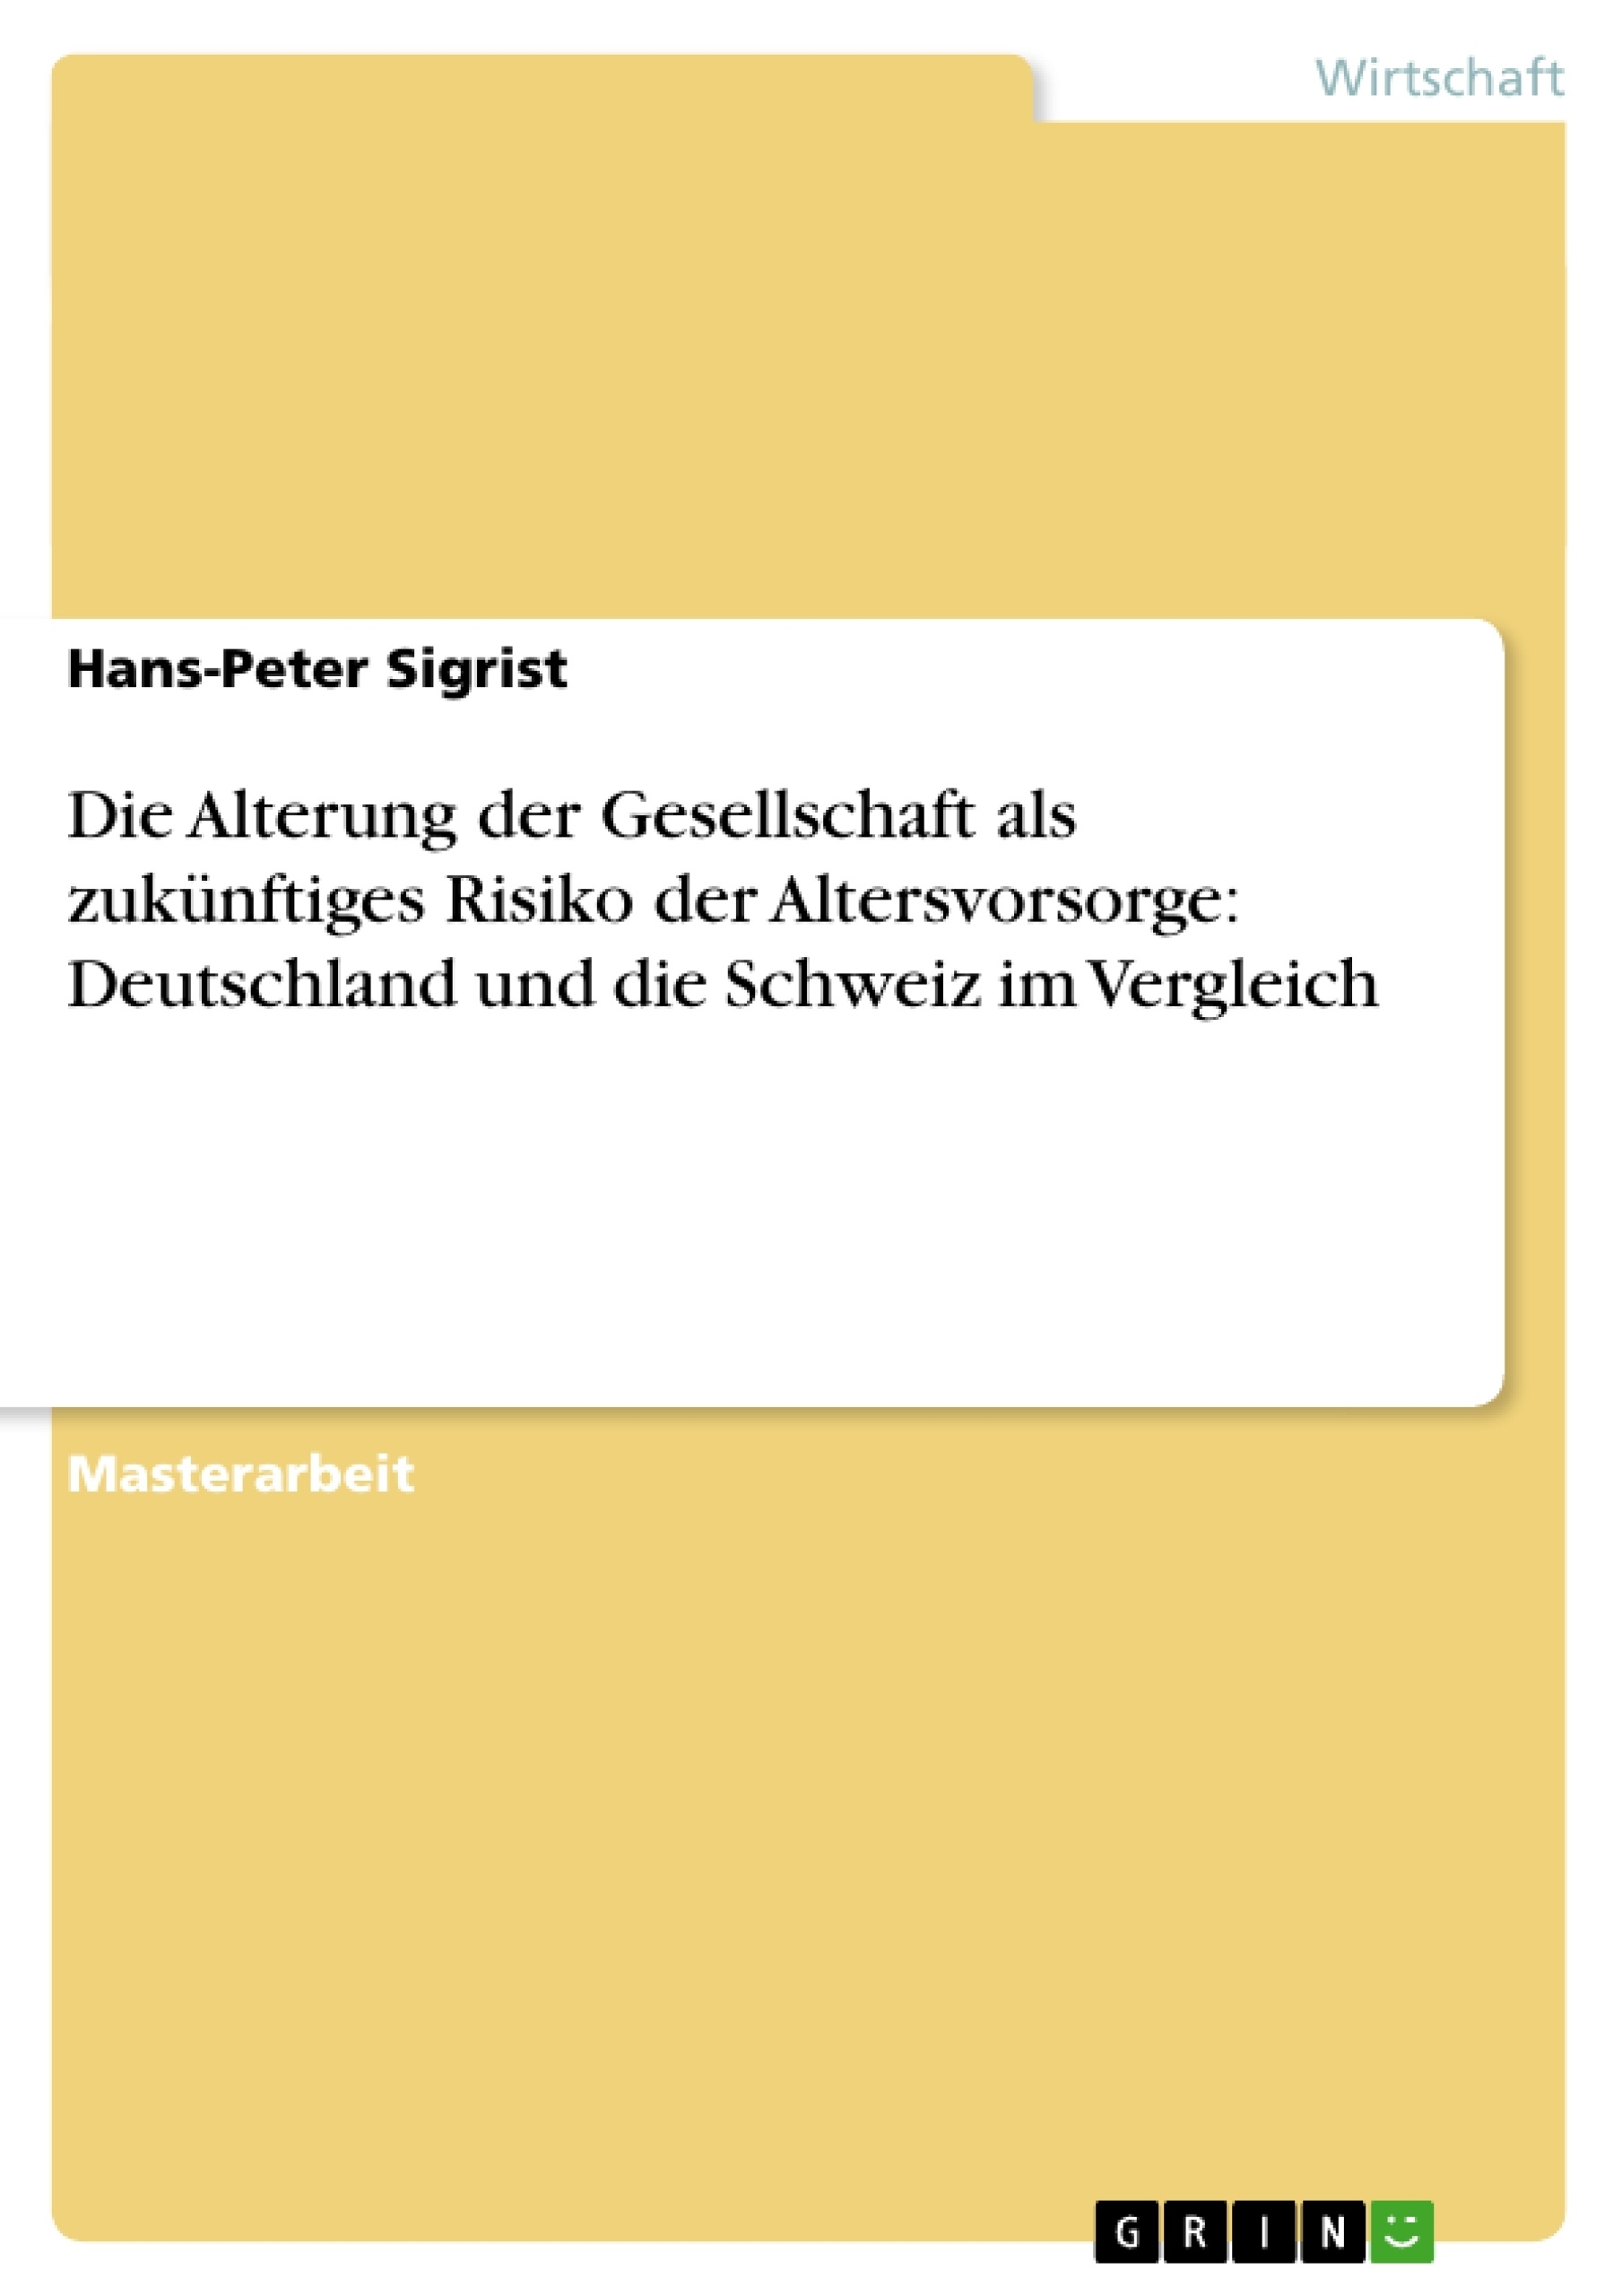 Titel: Die Alterung der Gesellschaft als zukünftiges Risiko der Altersvorsorge: Deutschland und die Schweiz im Vergleich